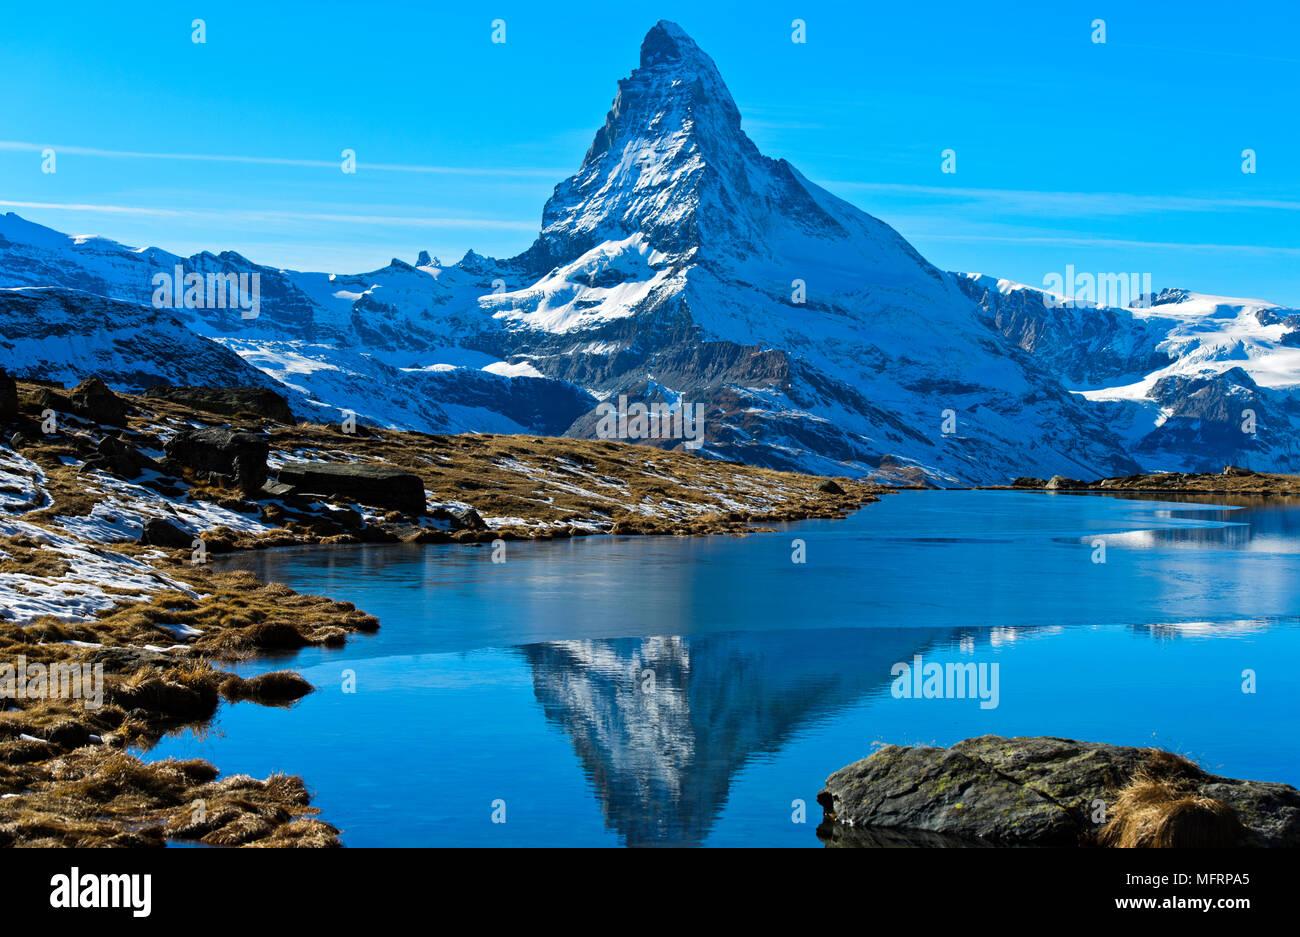 Cervin enneigé reflète dans la gelée en partie Stellisee, Zermatt, Valais, Suisse Photo Stock